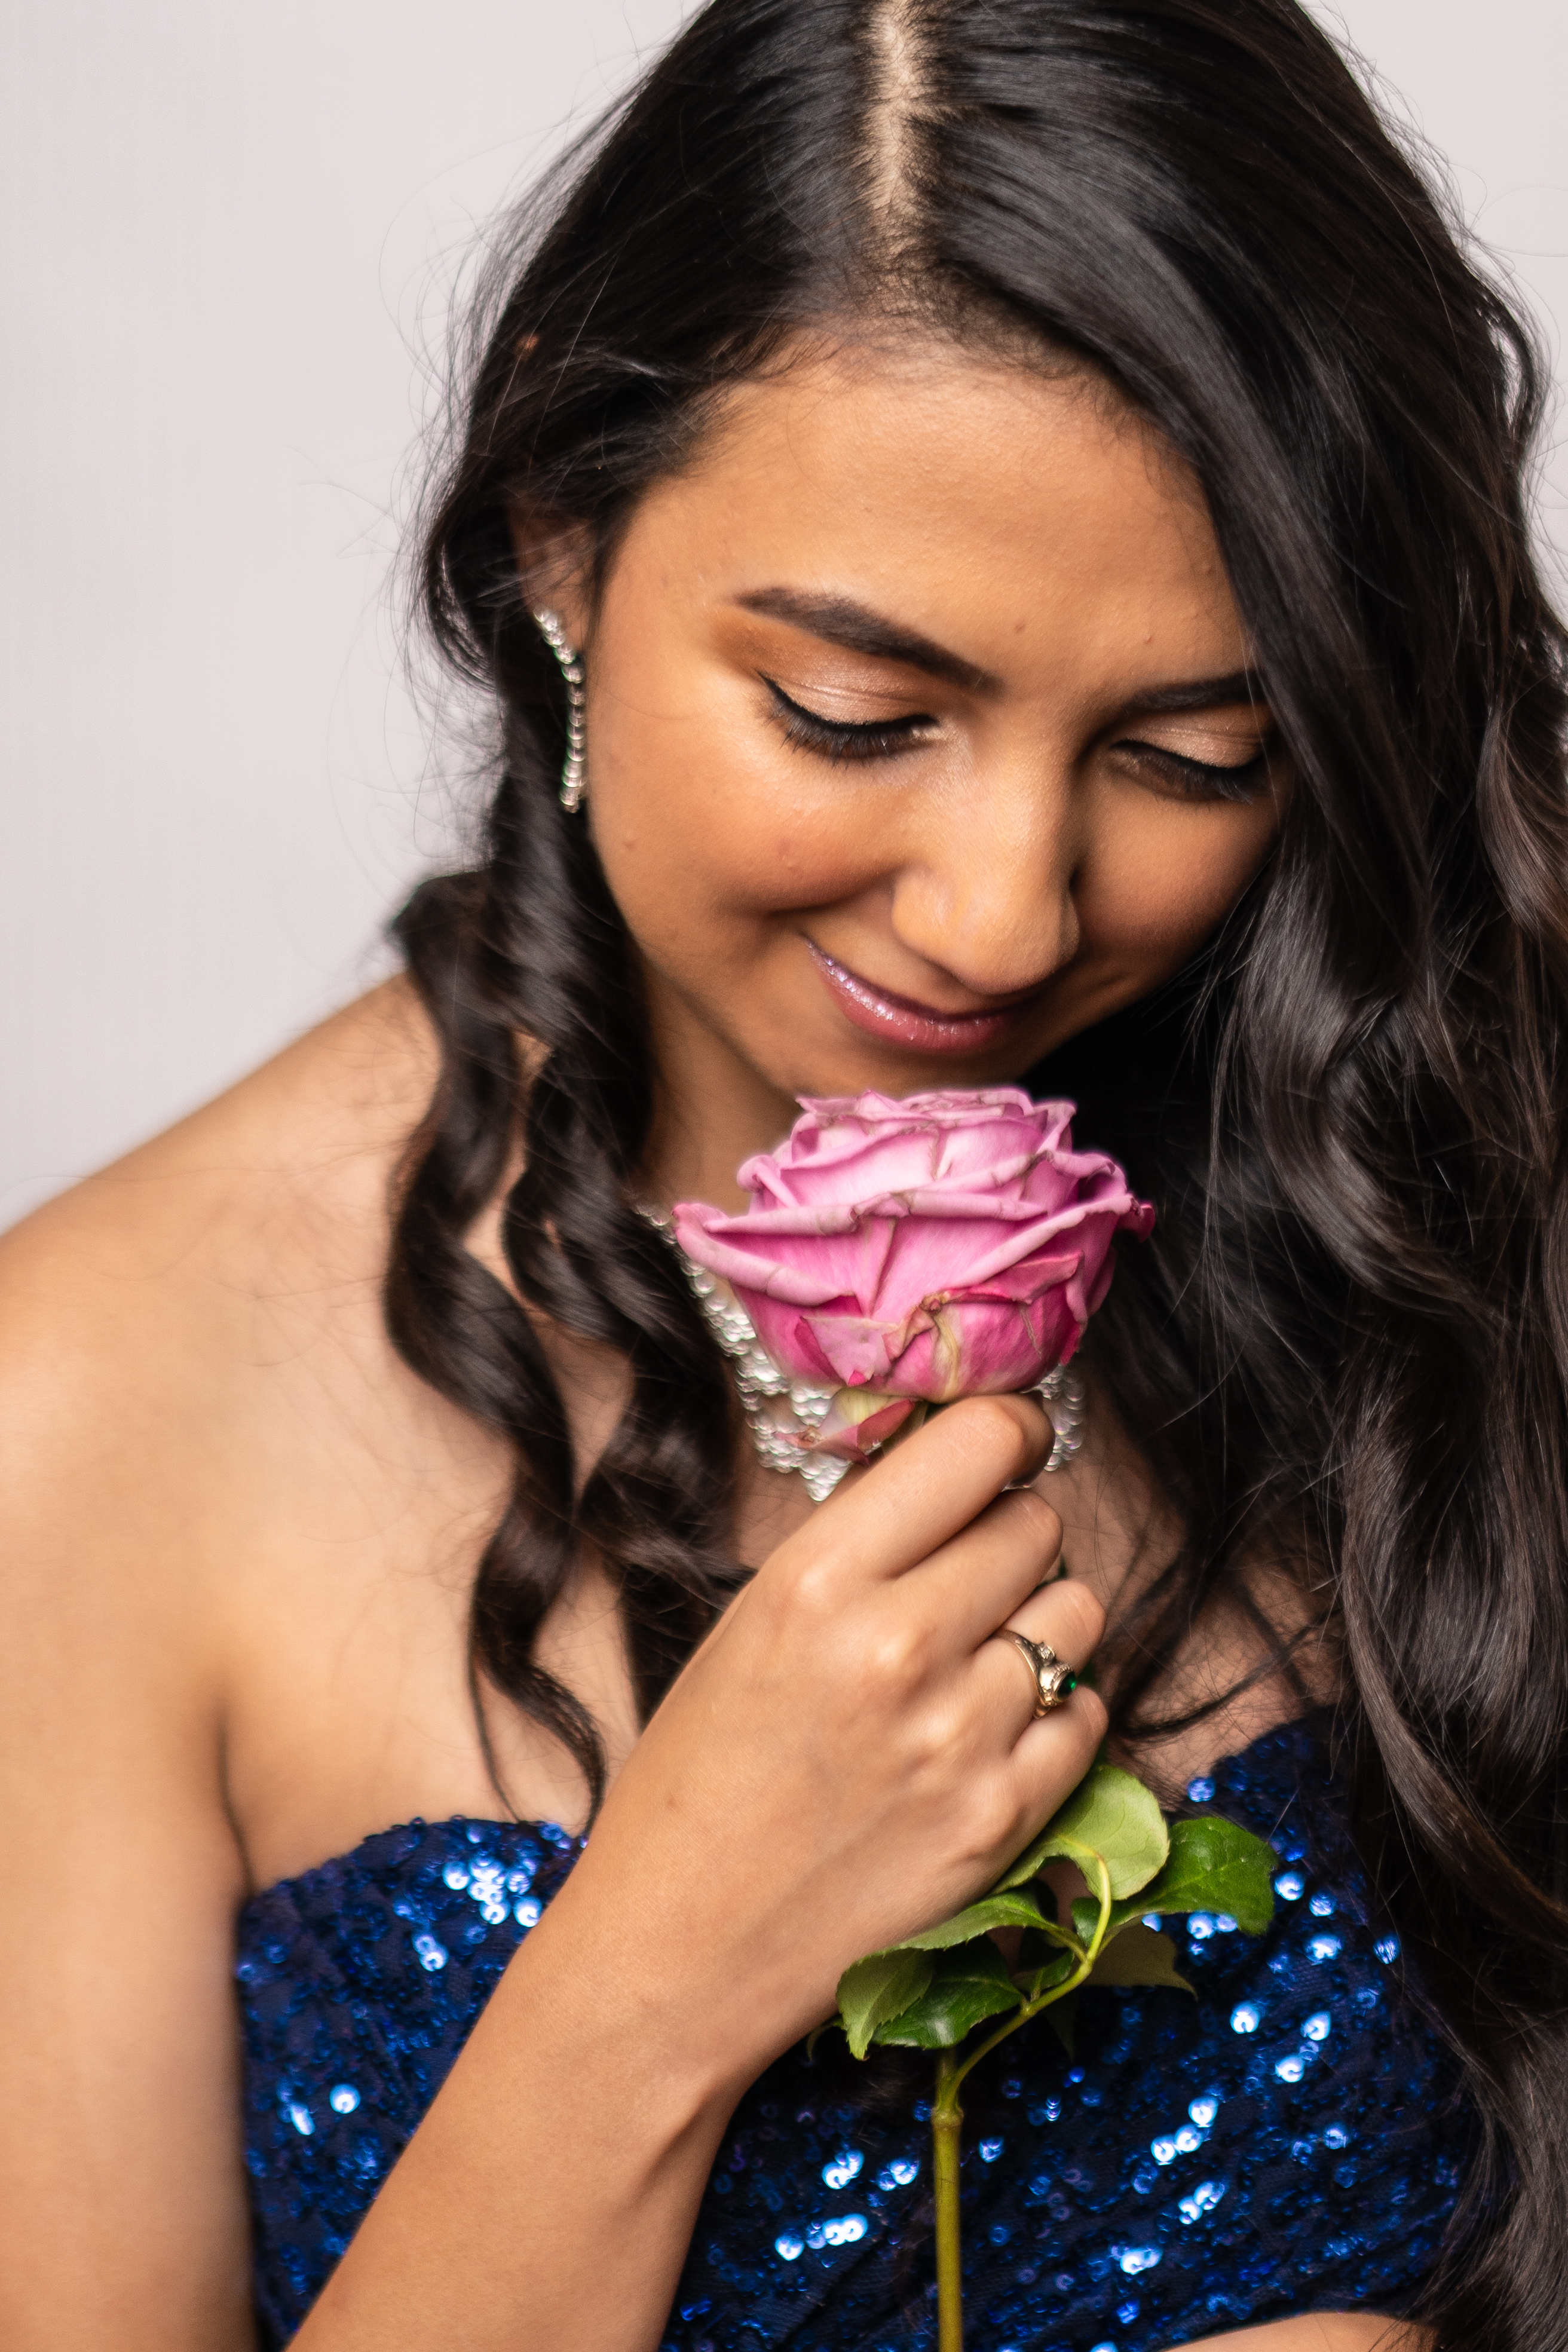 Amanda Prom 2